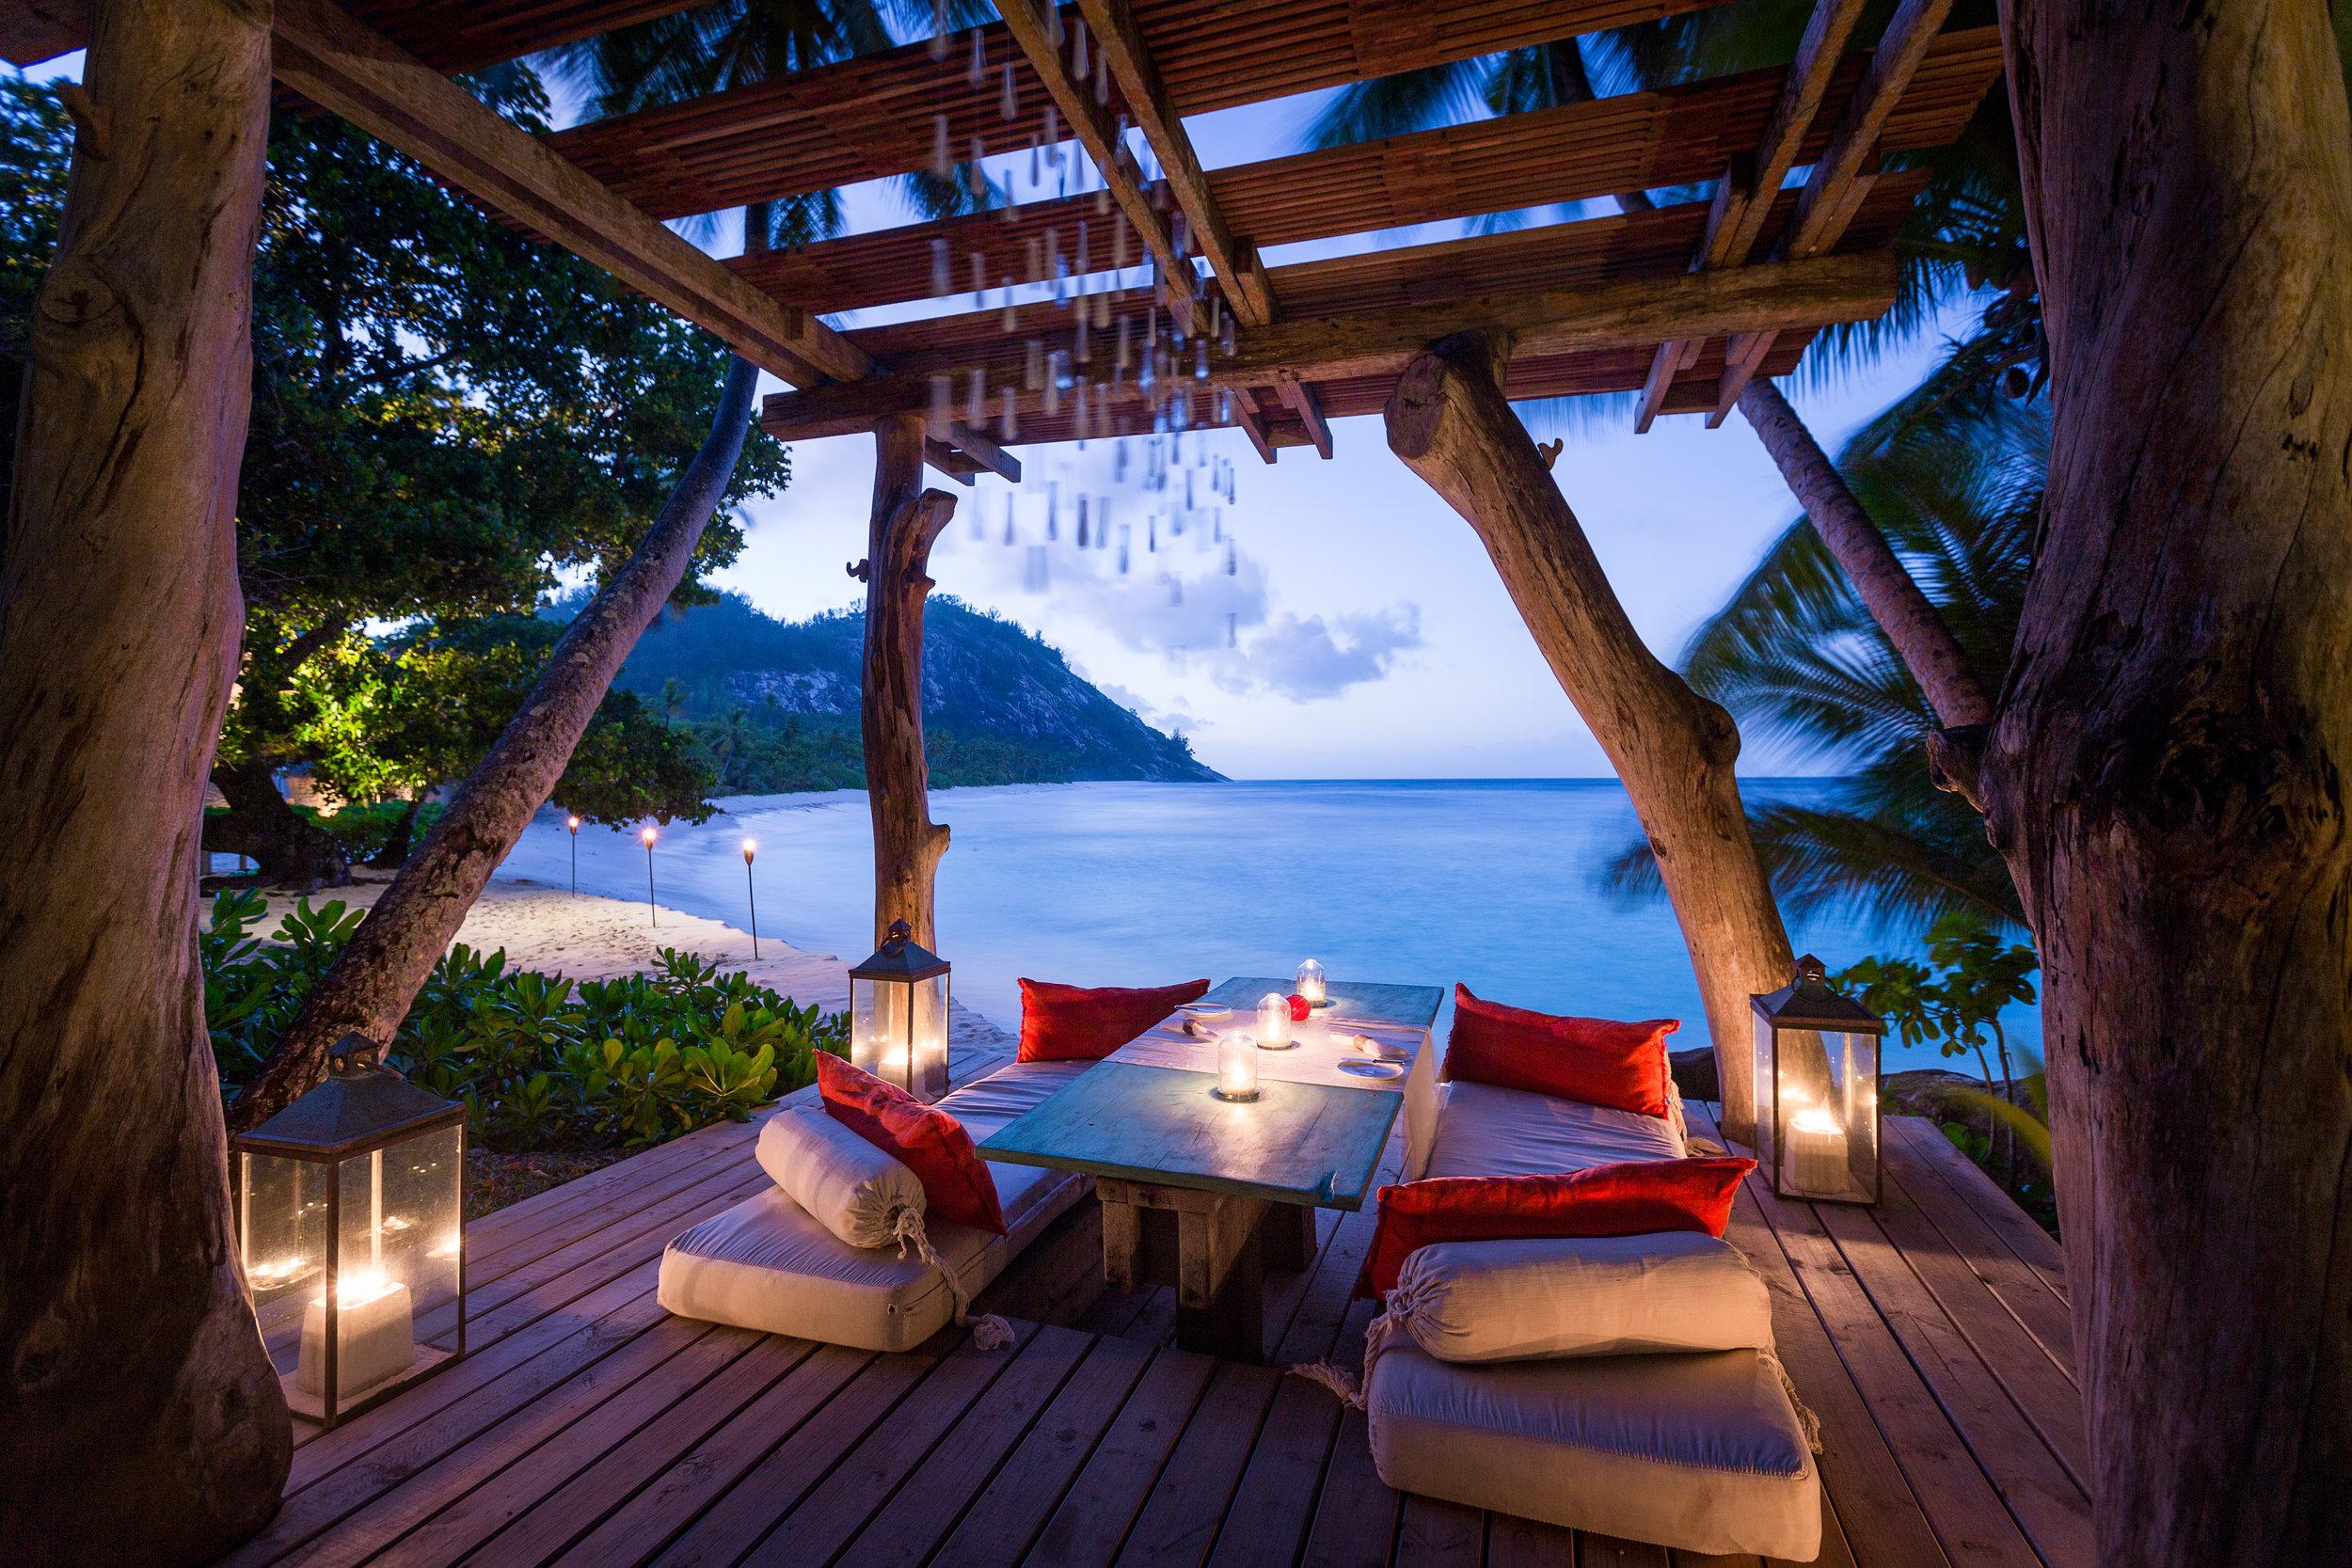 Boardroom Table Dinner FR 5D3_6269-Edit.jpg